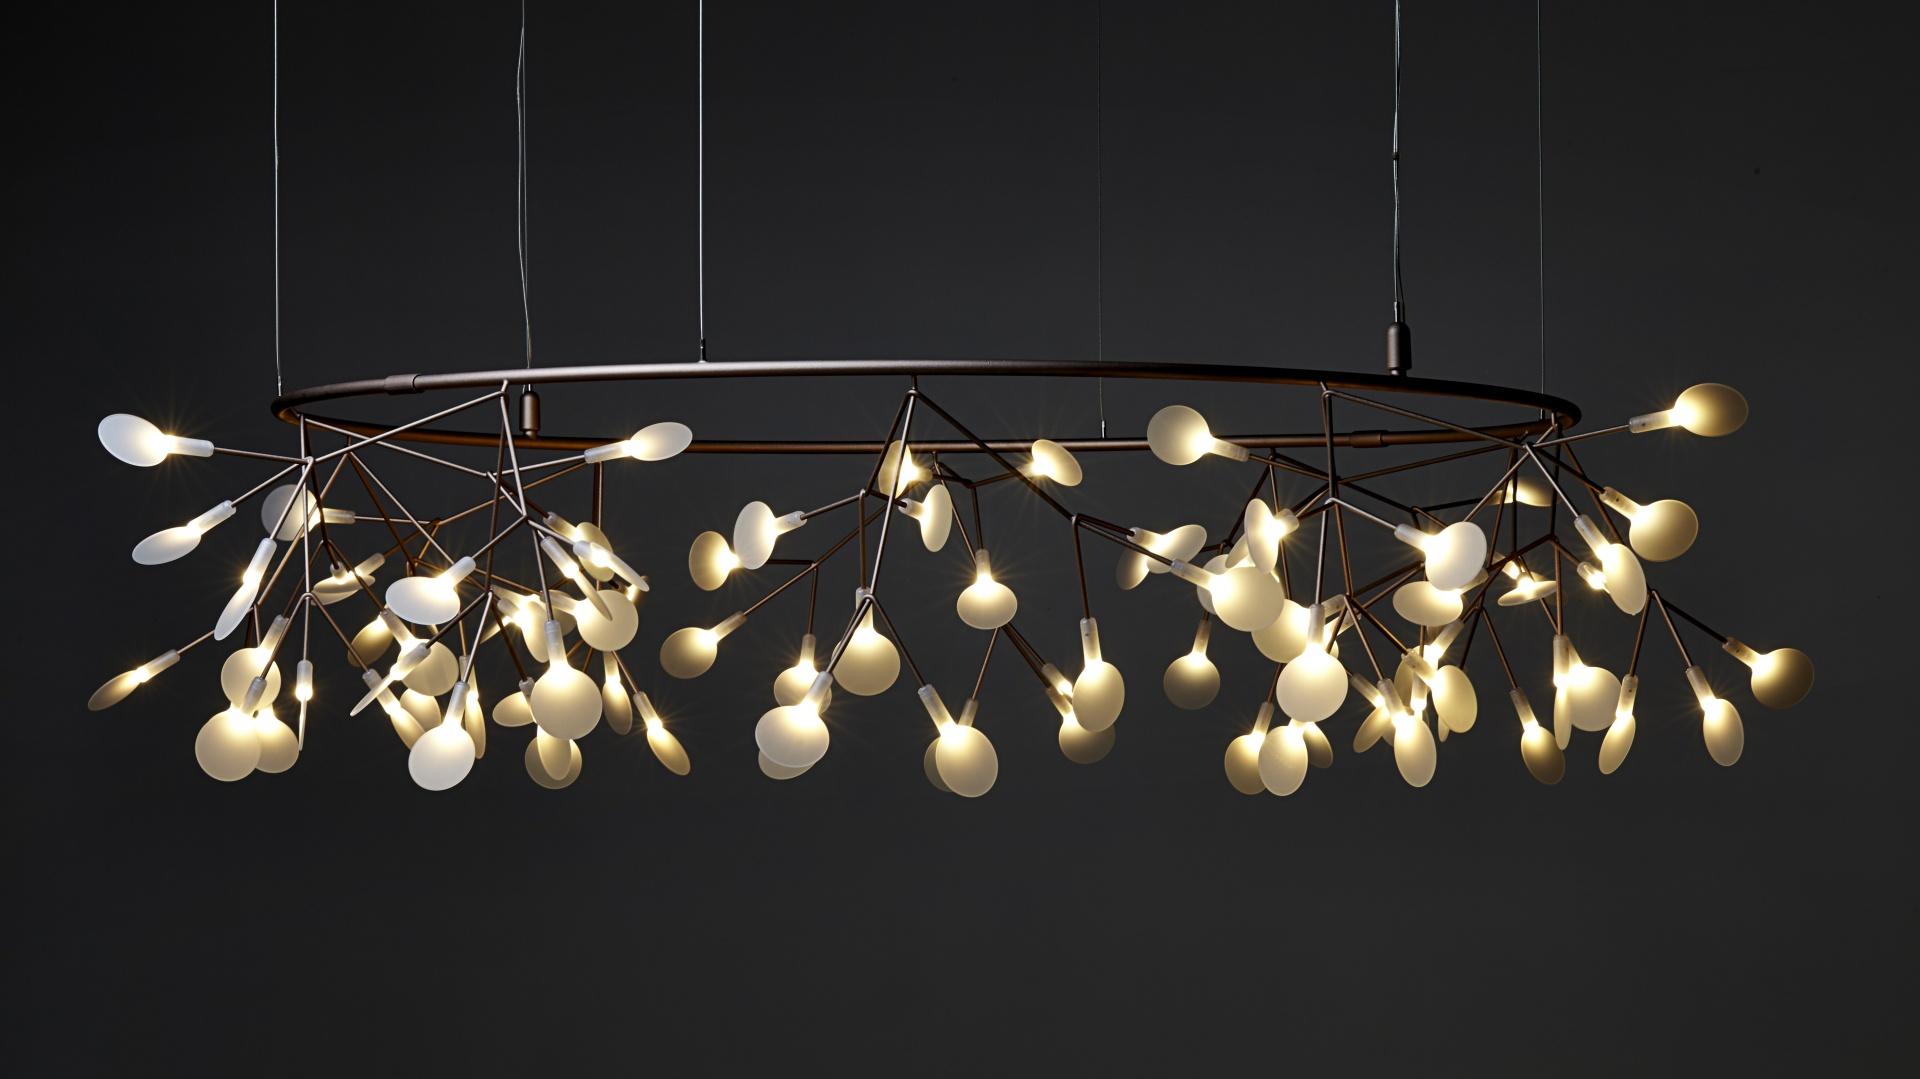 Lampa HERACLEUM (proj. Bertjan Pot) to śmiała i nowoczesna interpretacja natury. Białe listki tworzą techniczną strukturę rośliny – delikatną i lekką; śred. 160 cm (w wersji Smal Big O). Fot. Moooi